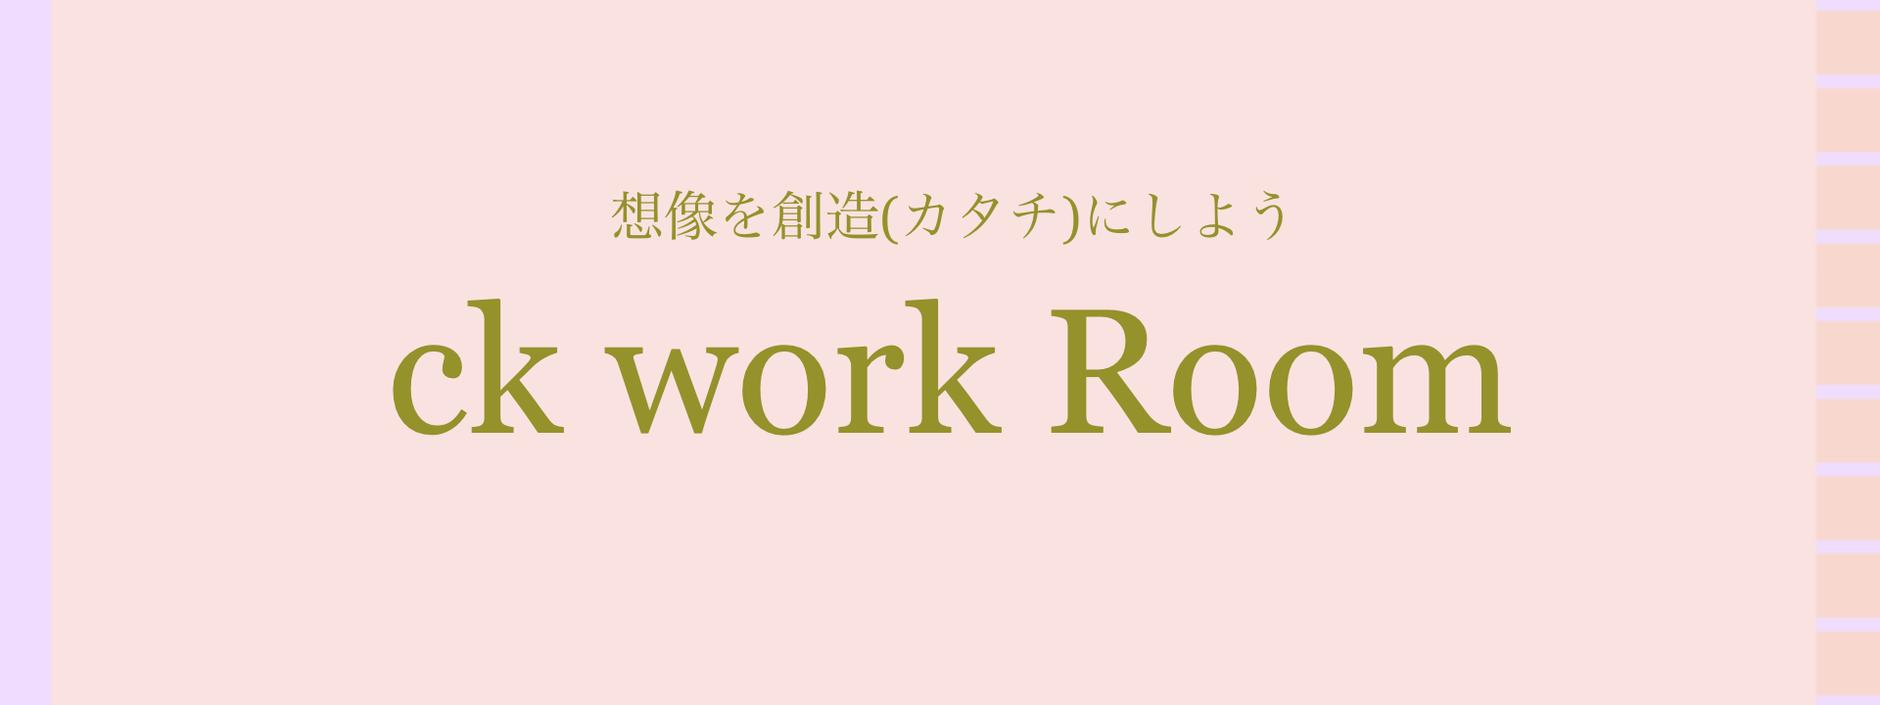 CK WORK ROOM